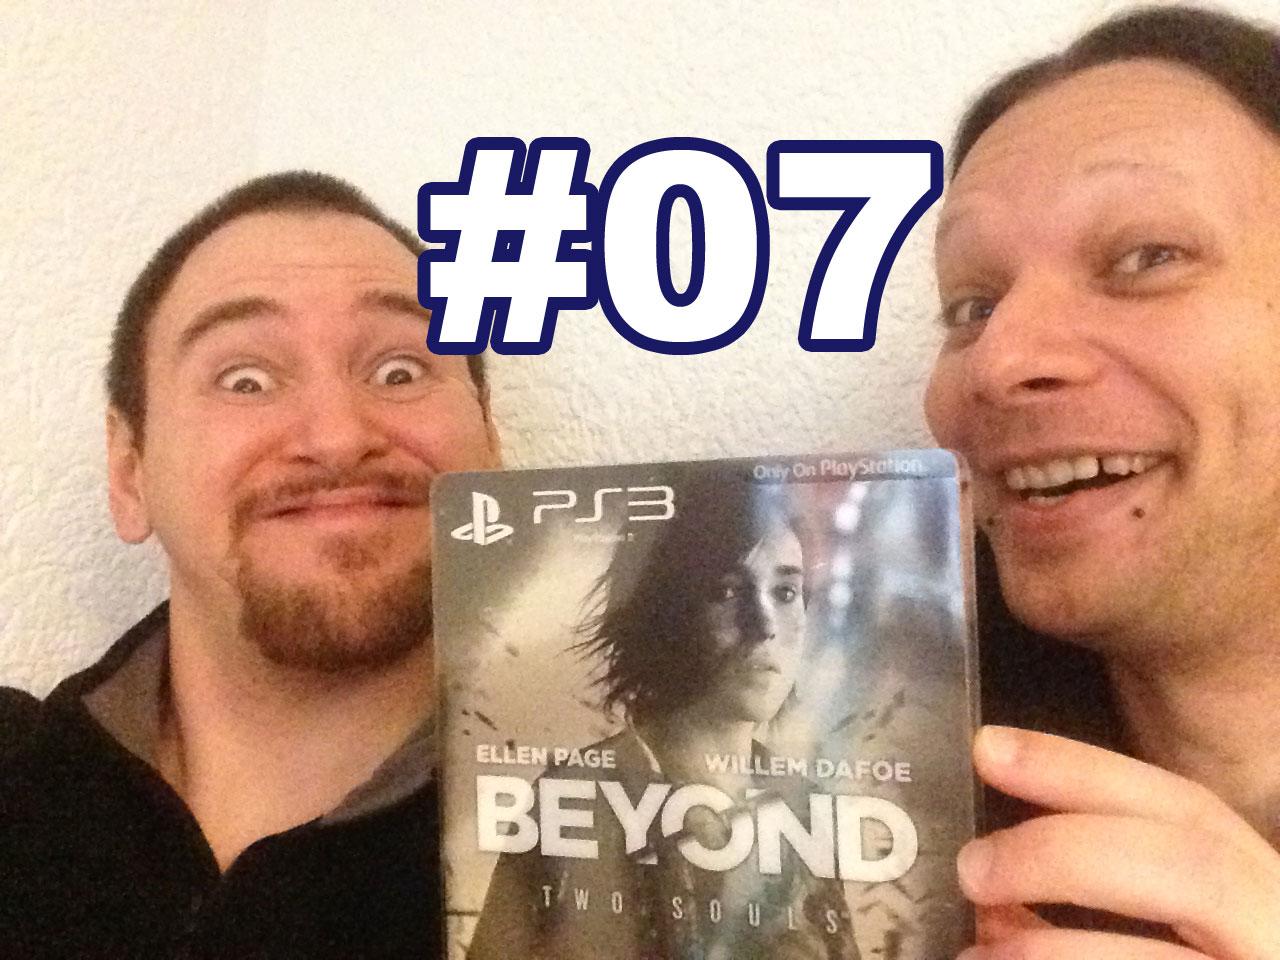 beyond_07